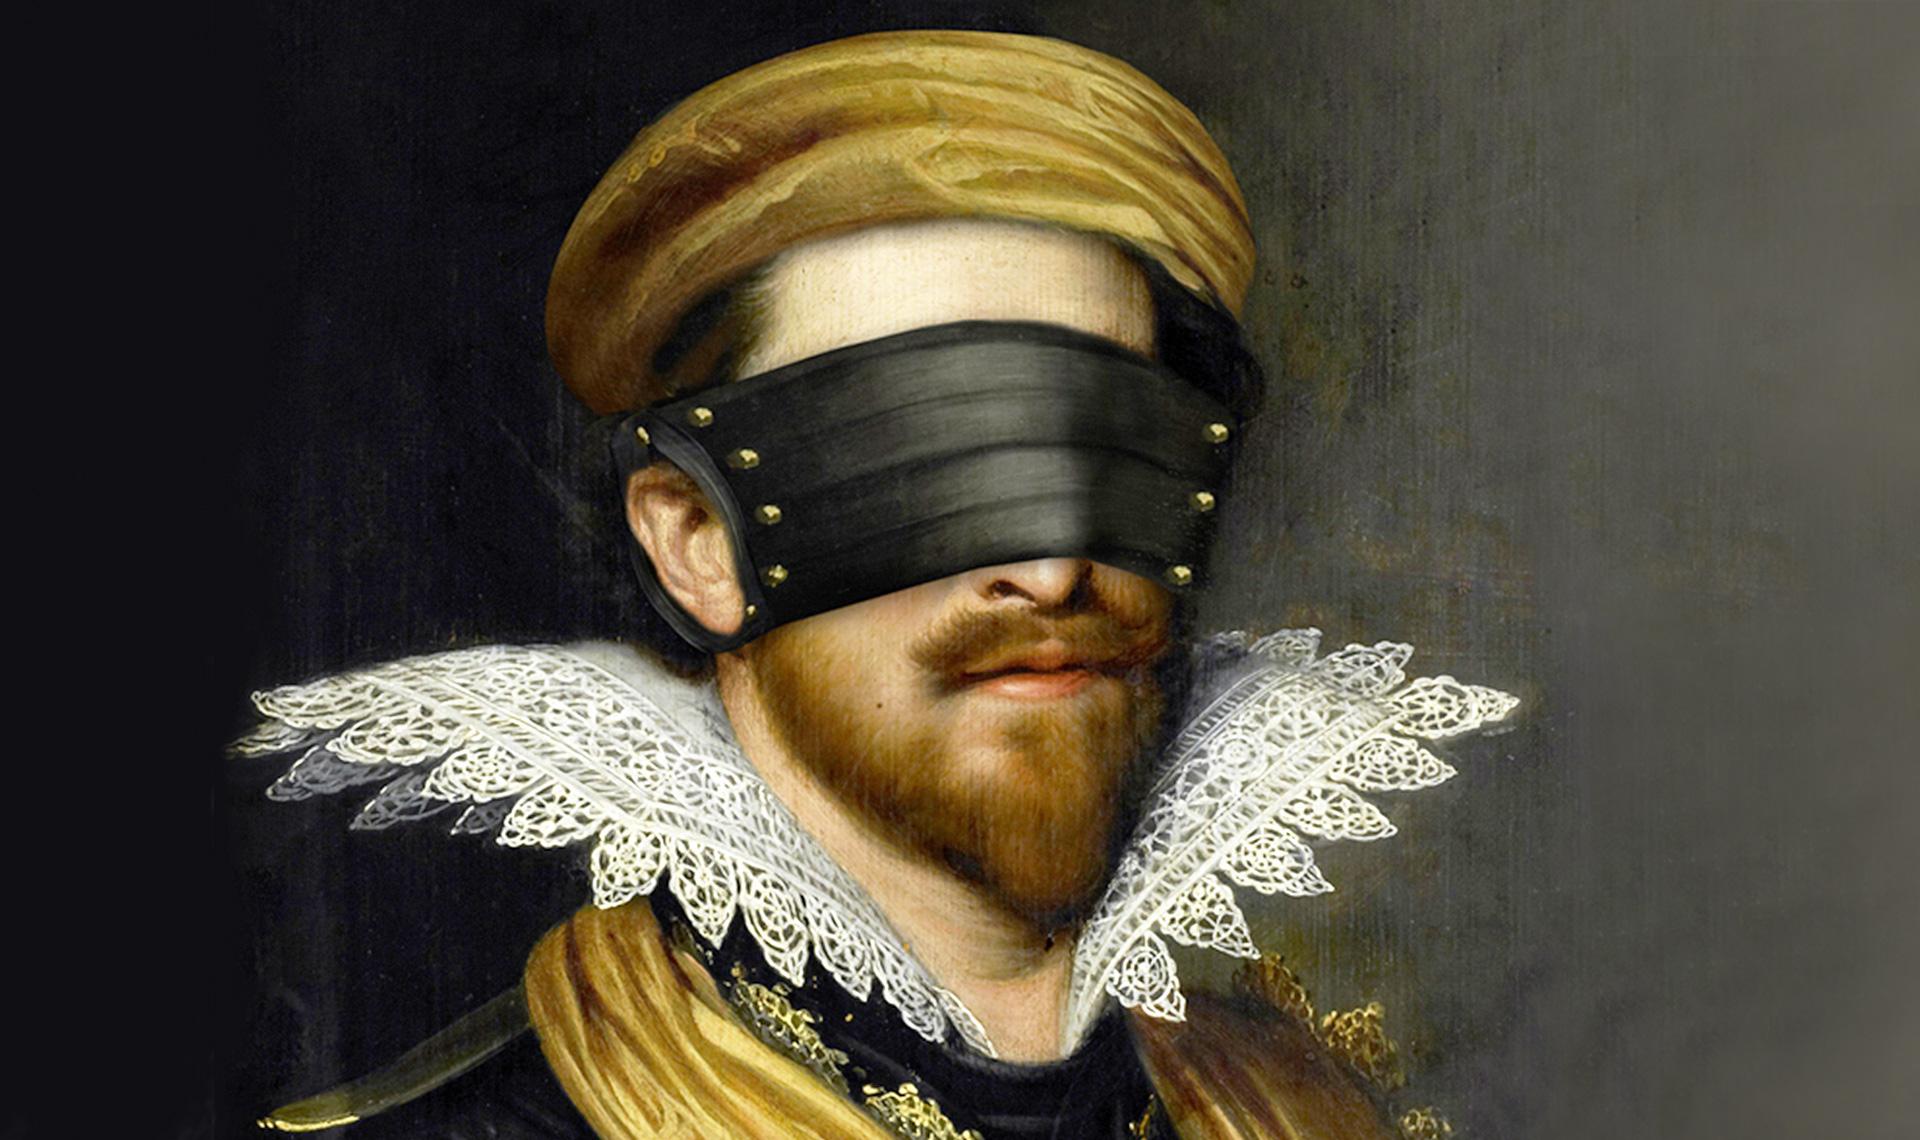 Фолькер Гермес: маски и коды роскоши